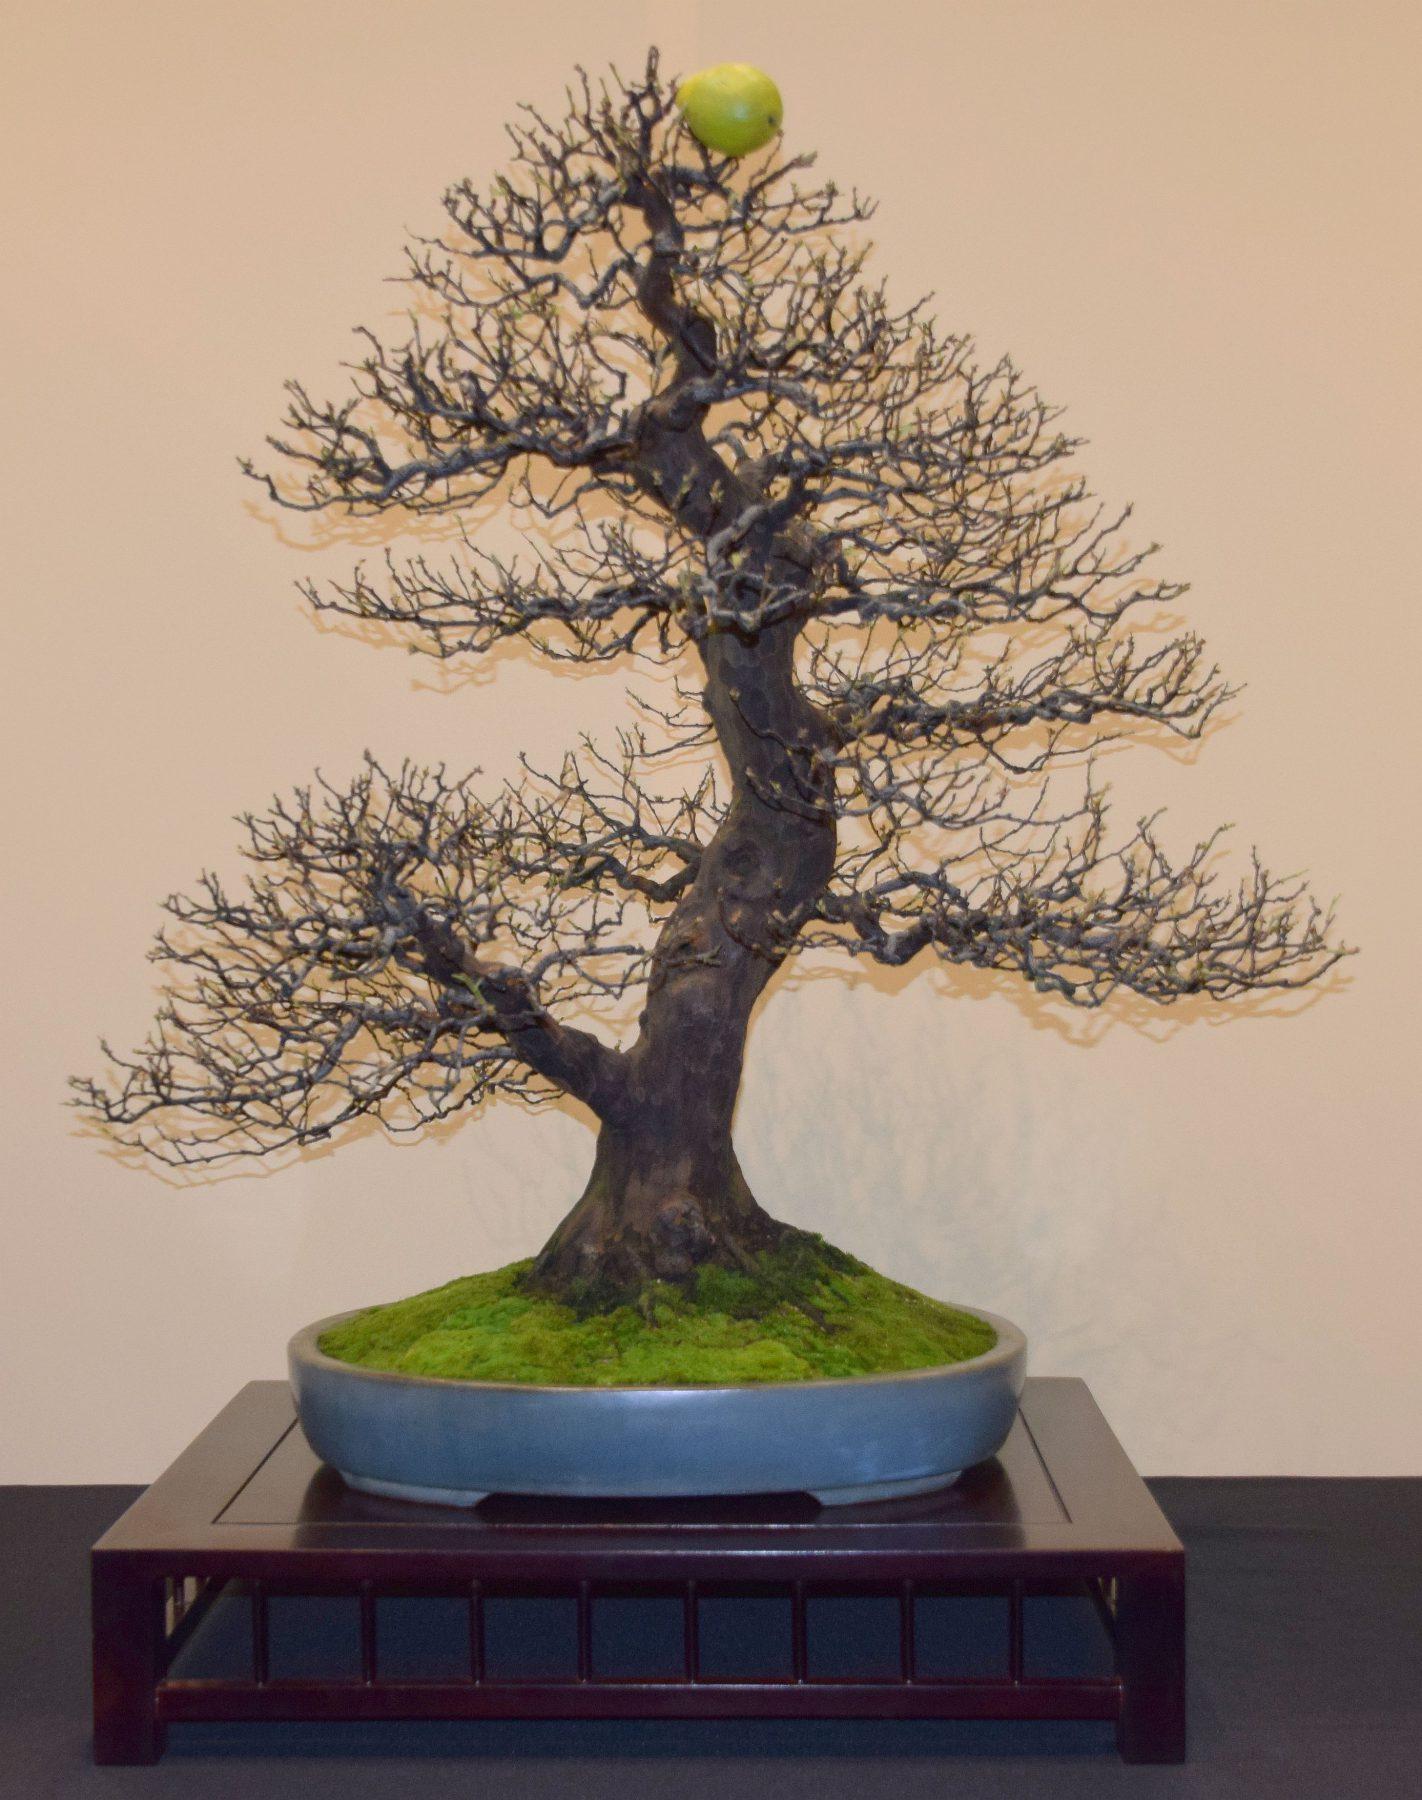 euk-bonsai-ten-2016-jp-polmans-collectie-008